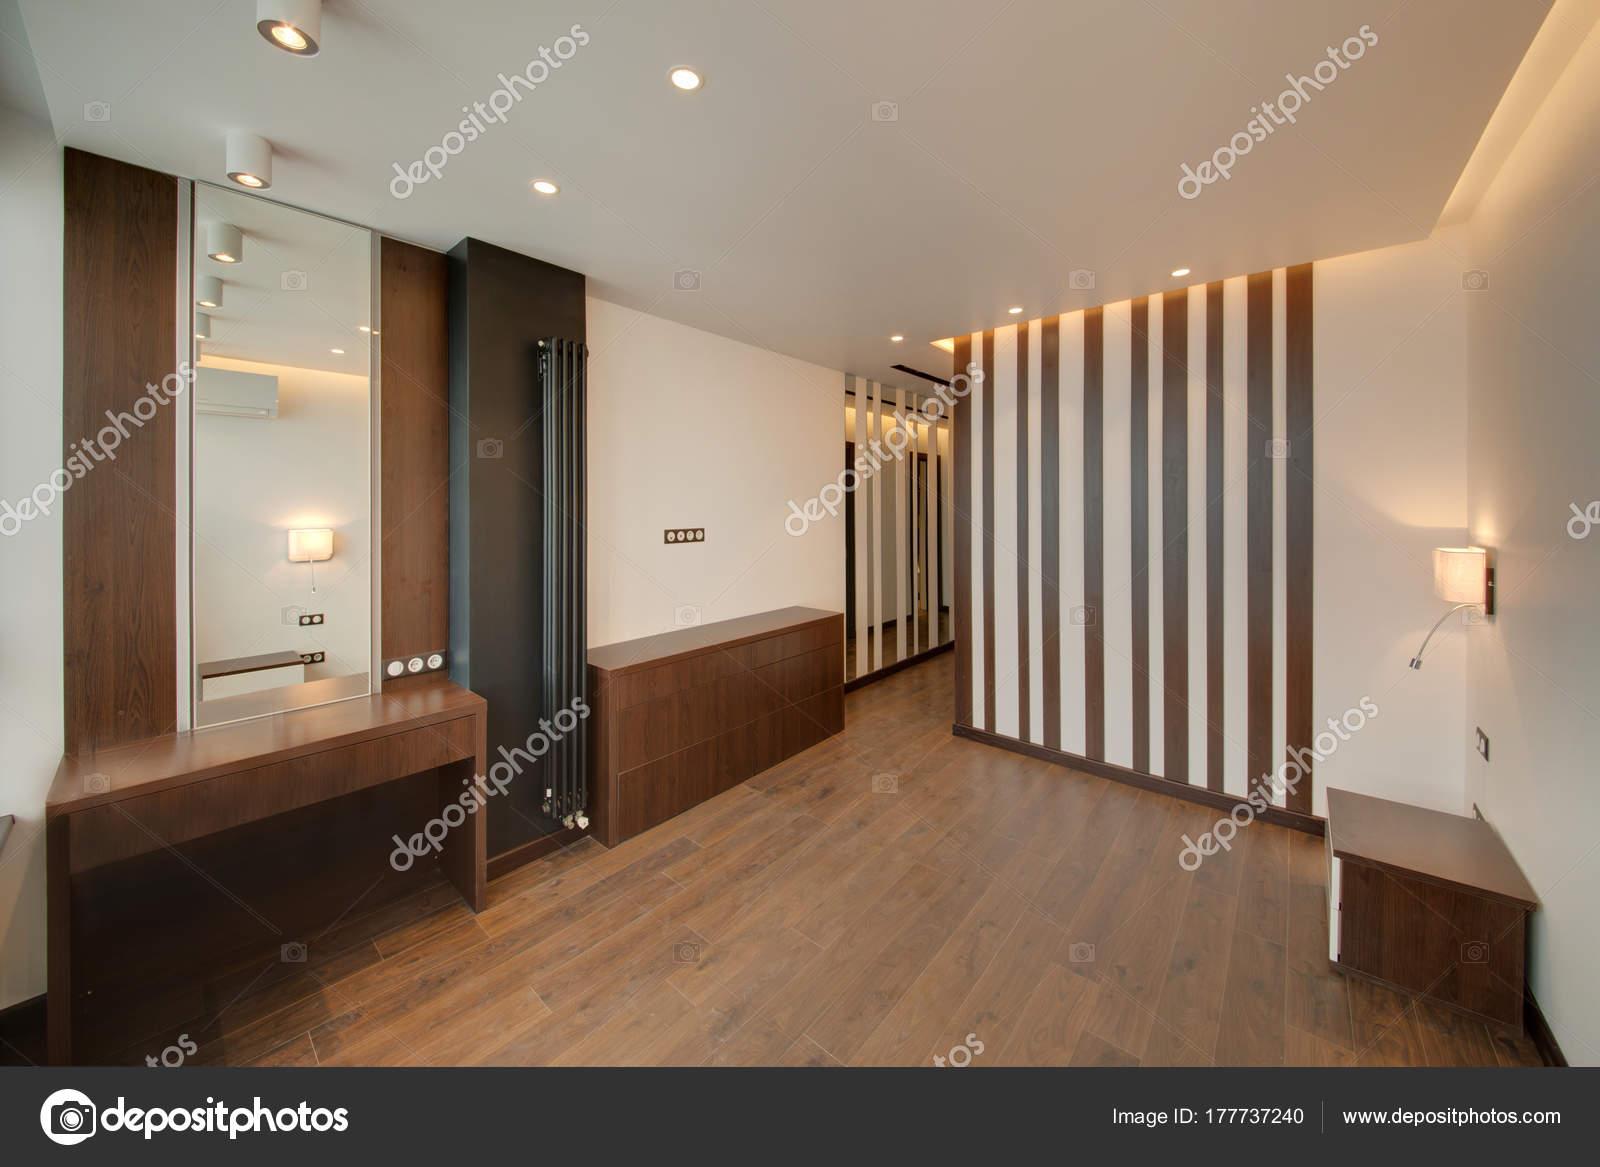 Bruine Slaapkamer Muur : Slaapkamer bruine tinten met lichte muren een donkere vloer